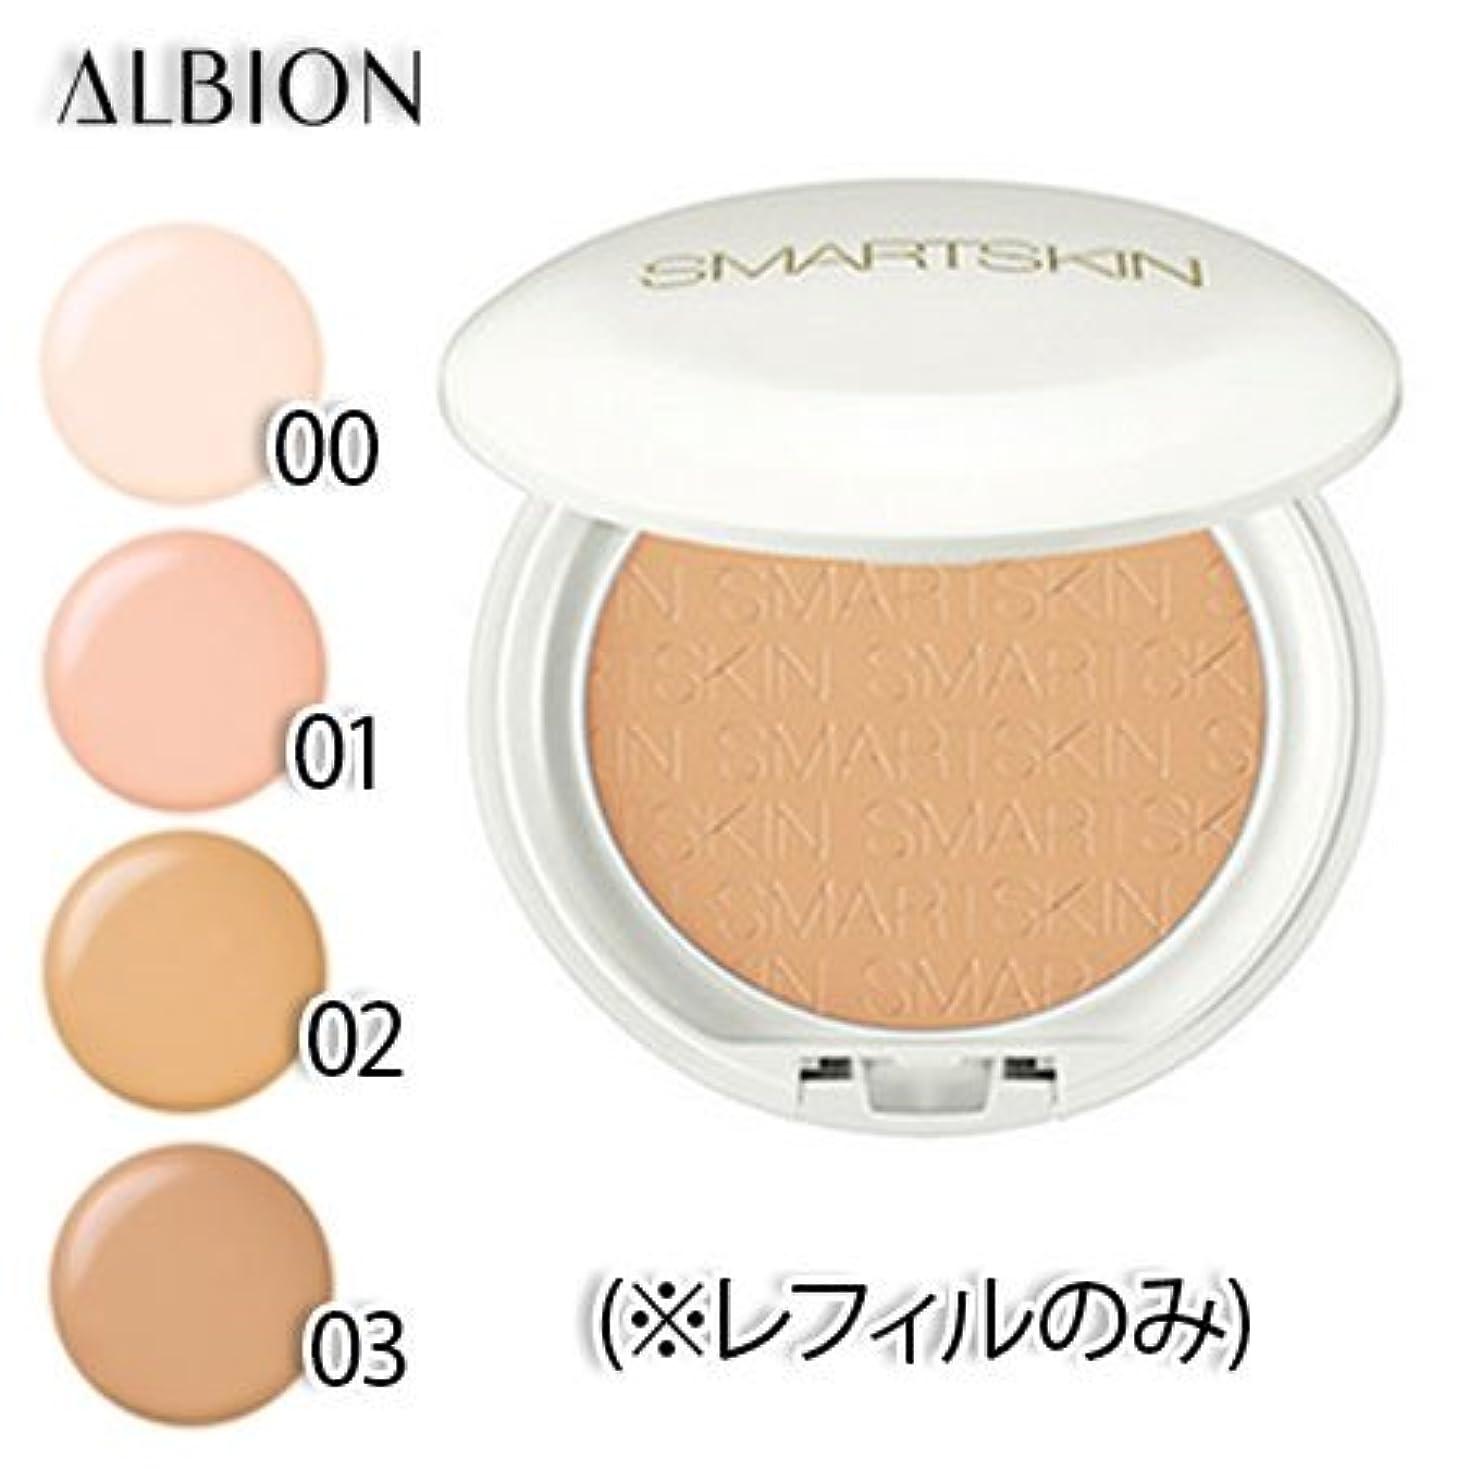 解放するそれから真鍮アルビオン スマートスキン ホワイトレア 全4色 (レフィルのみ) SPF40 PA++++ 10g -ALBION- 00